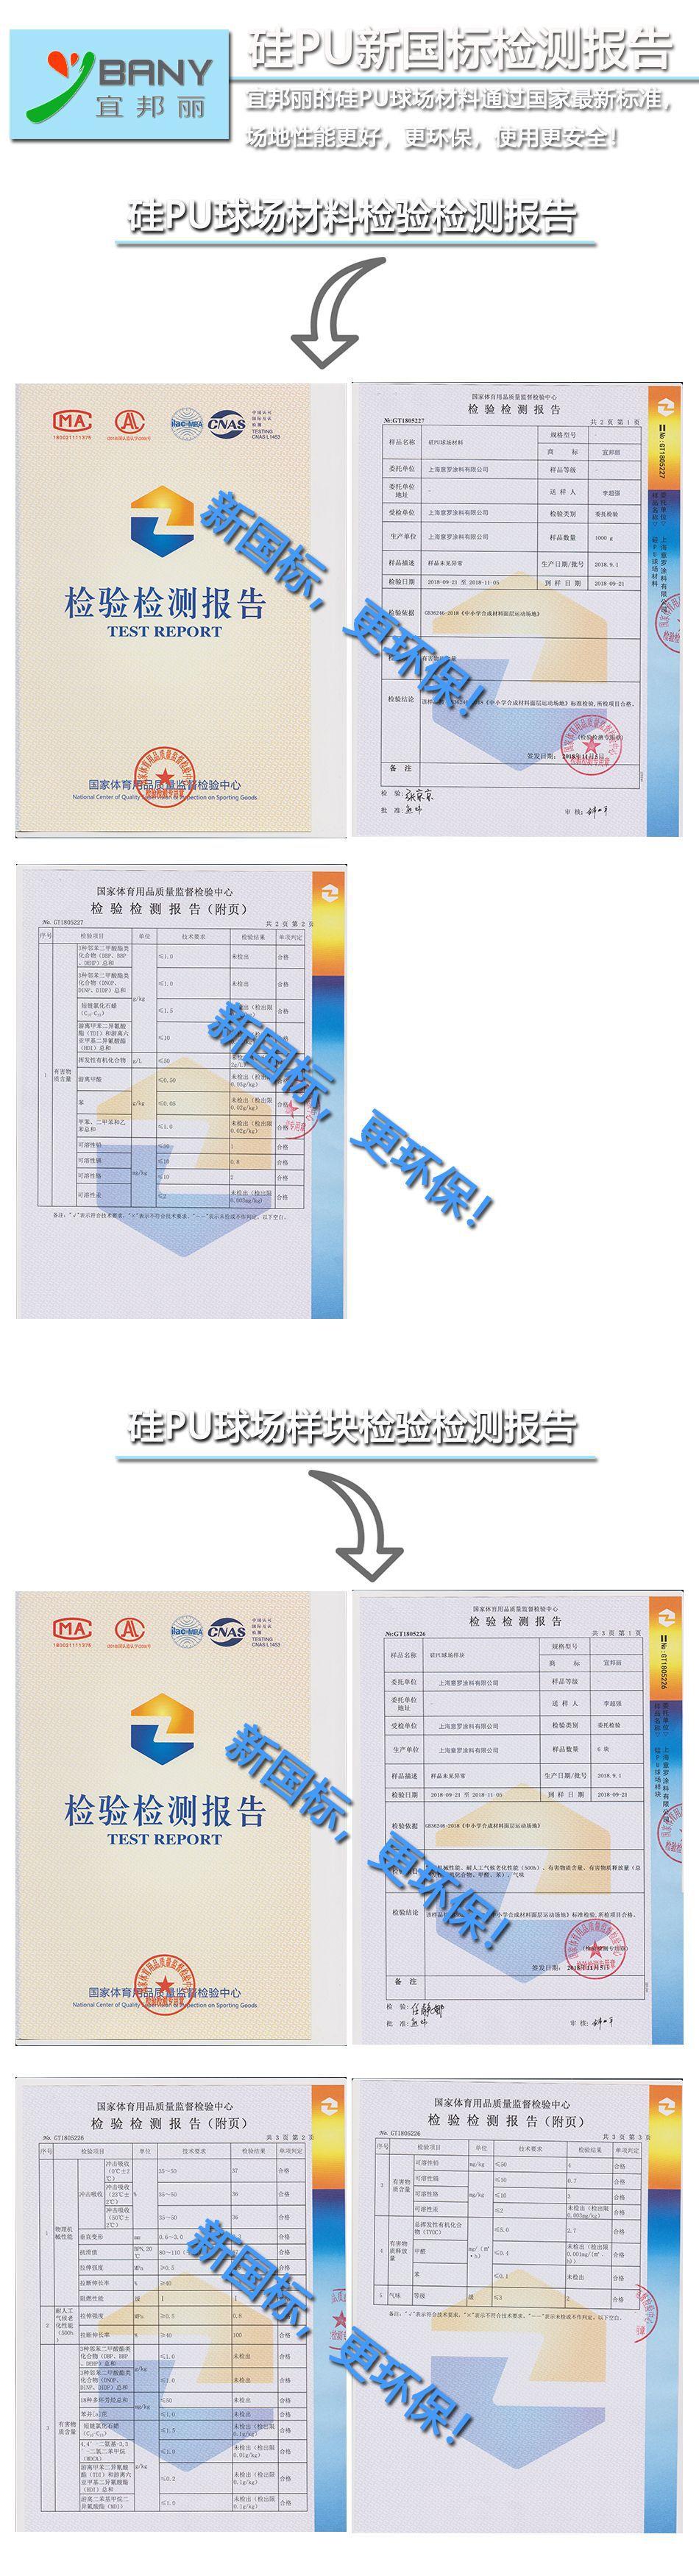 上海新國標塑膠硅PU球場材料生產廠家水性環保硅PU面漆面涂層直銷示例圖4